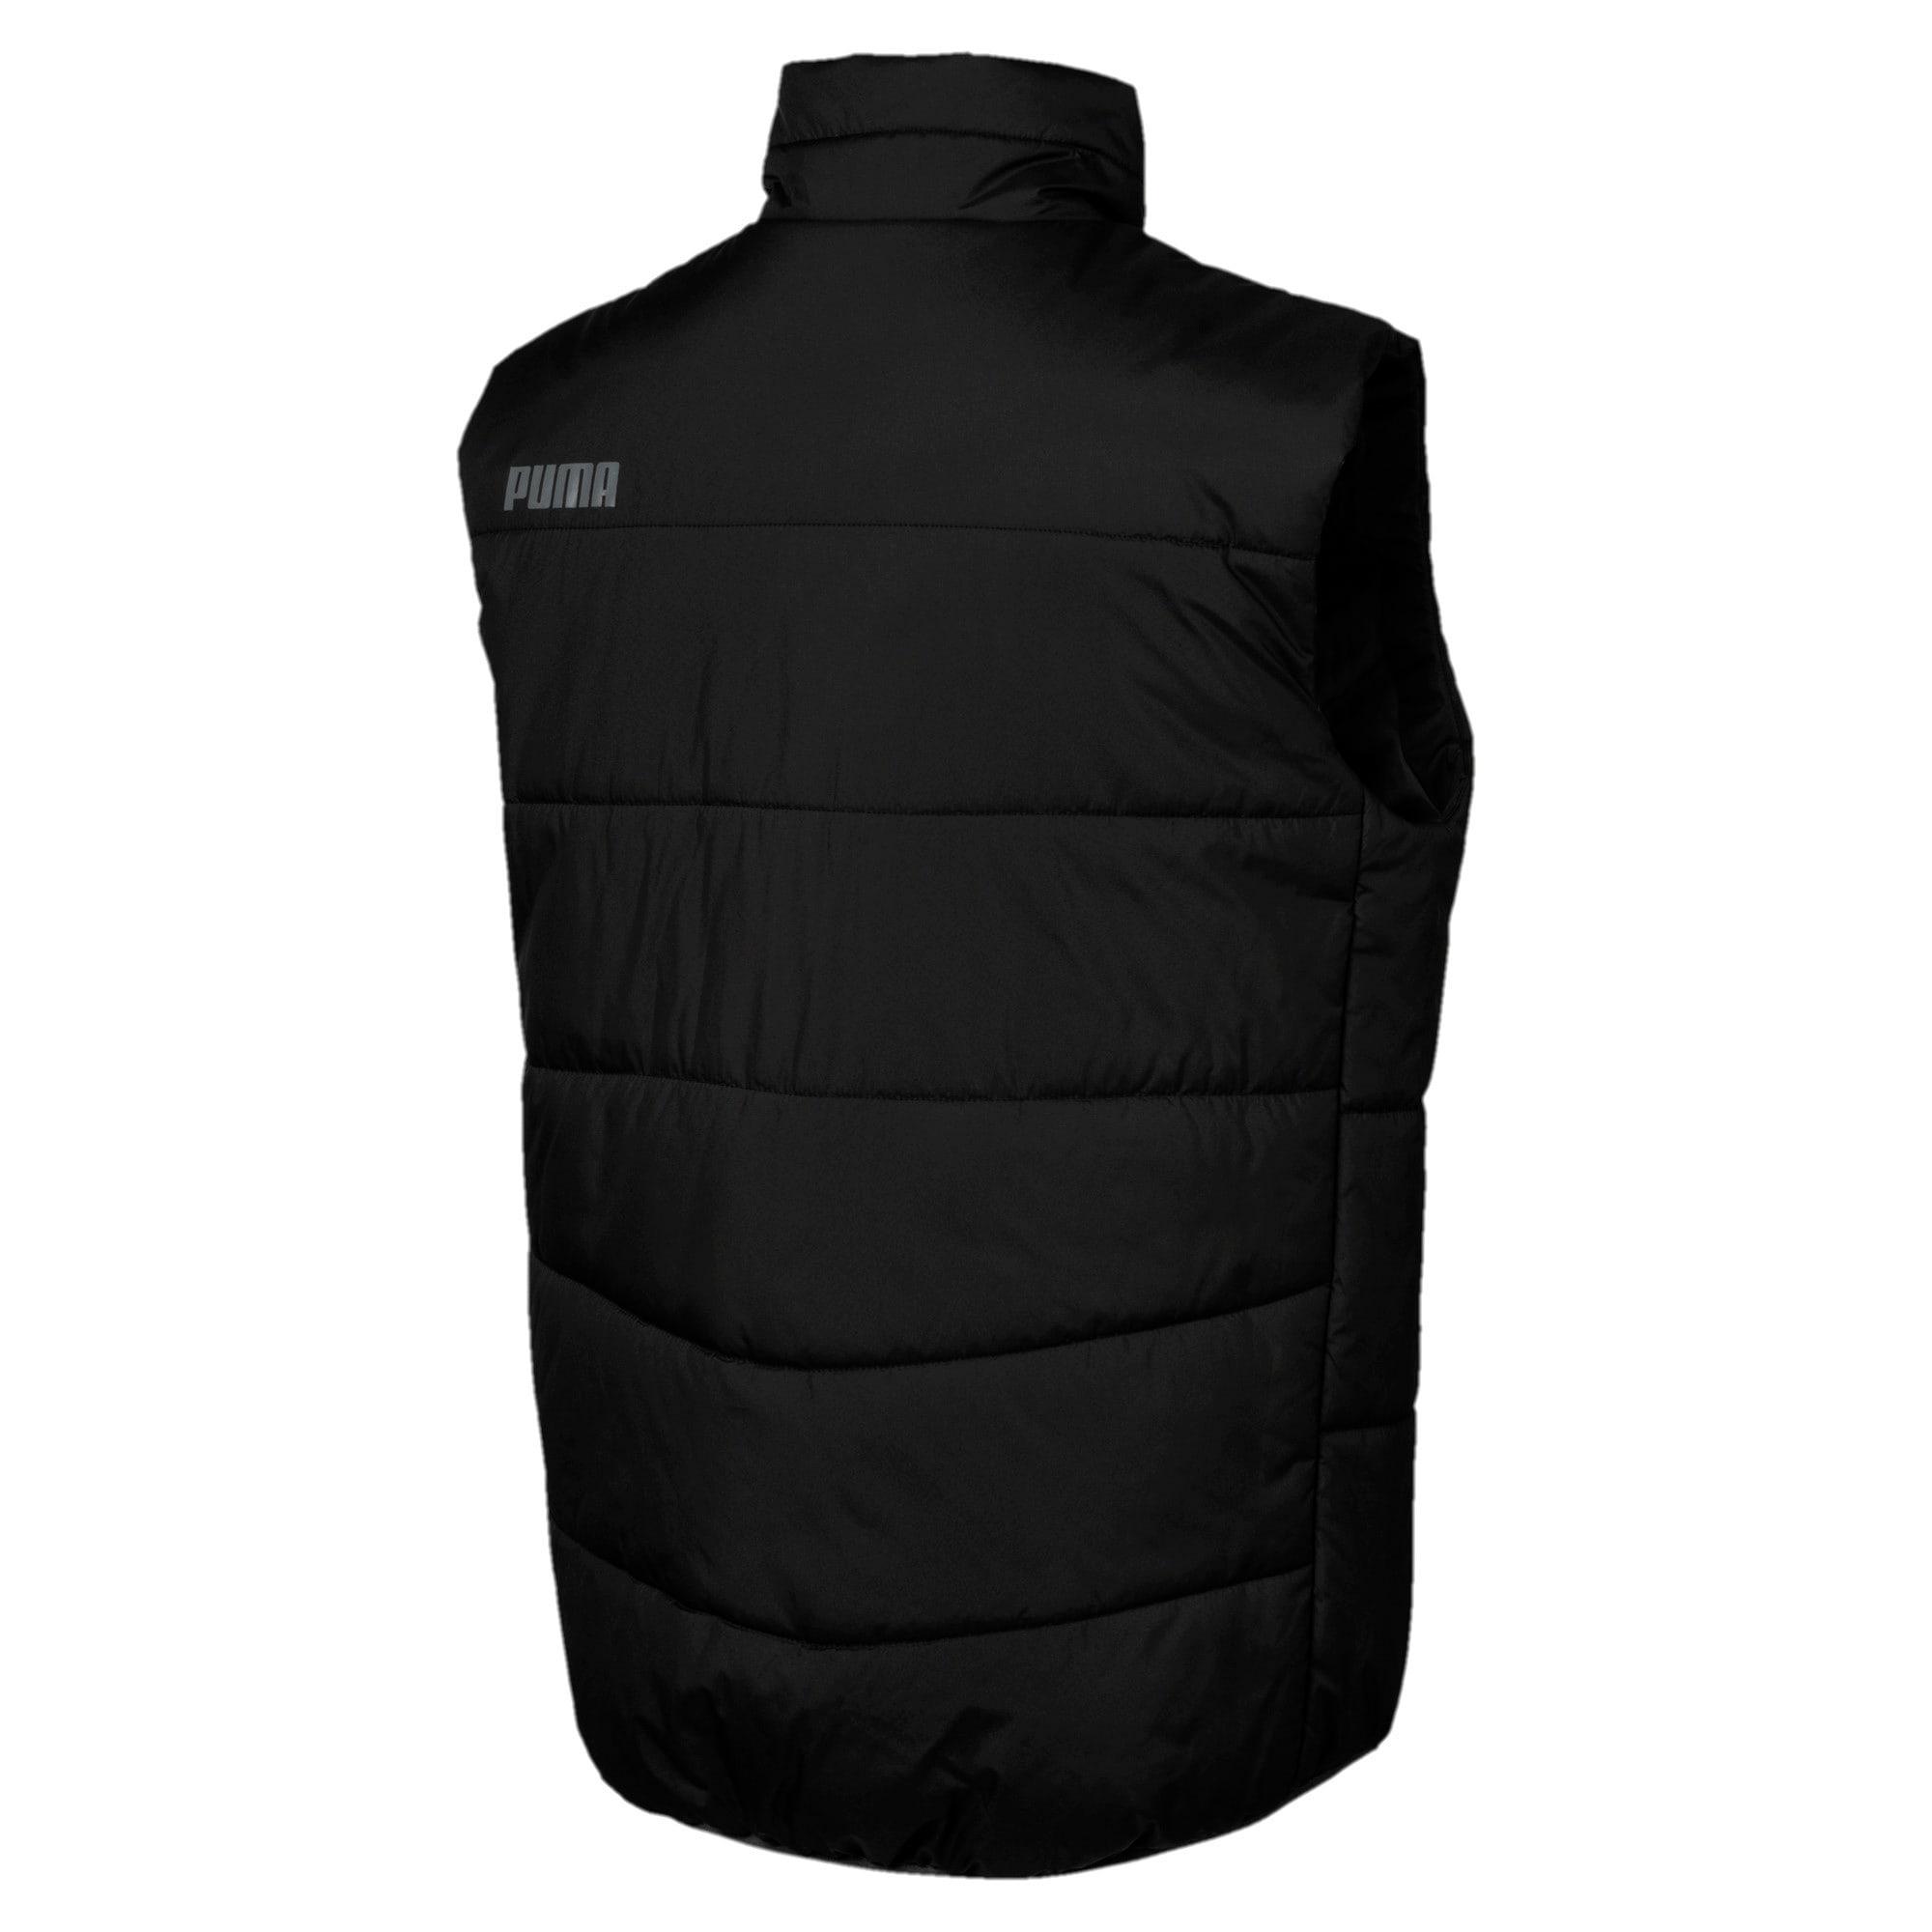 Thumbnail 3 of ESS Padded Vest, Puma Black, medium